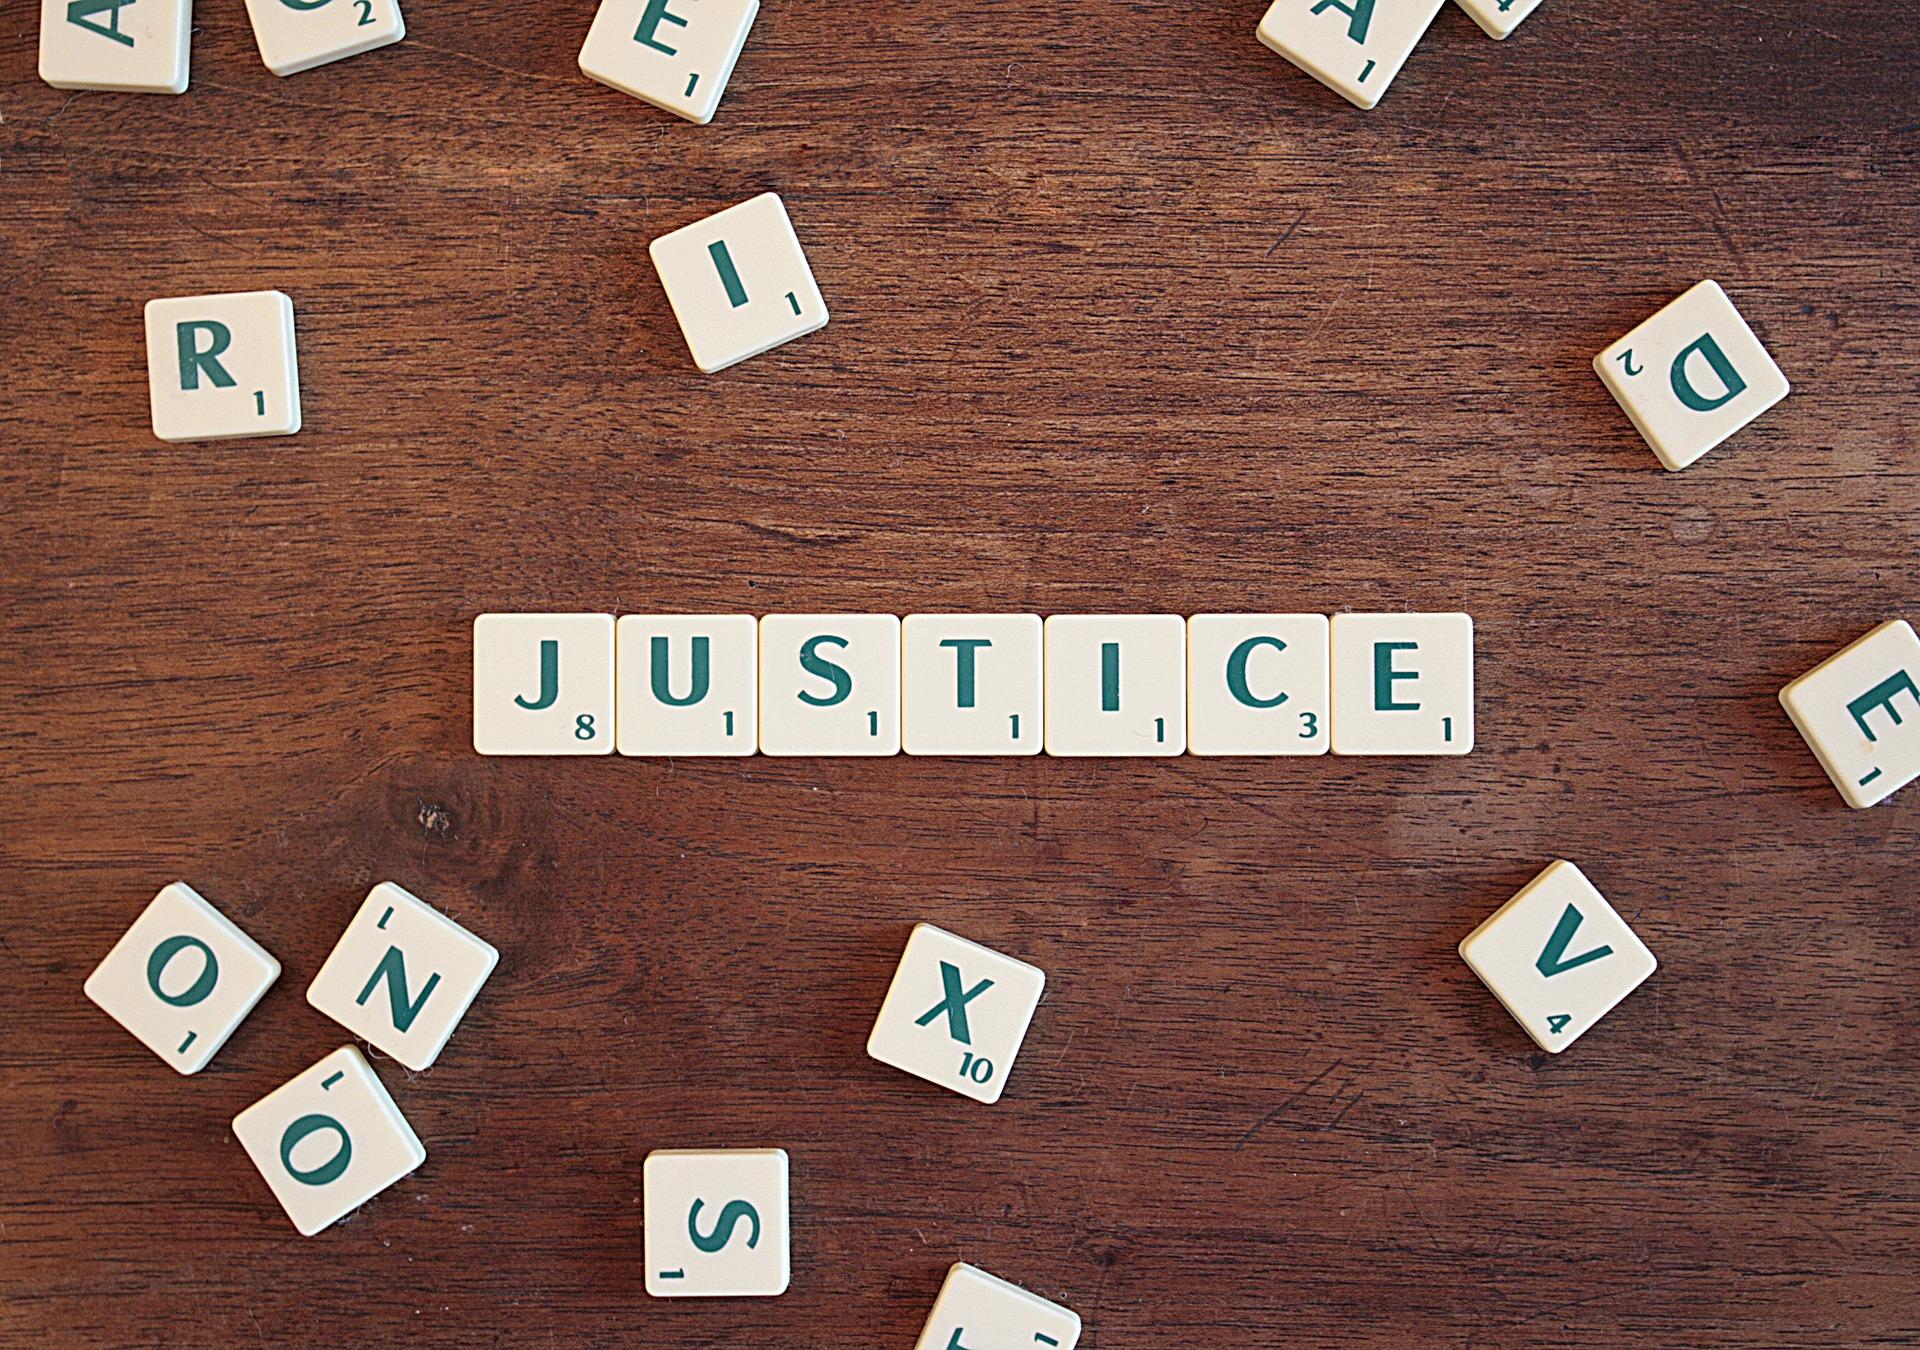 Opendatabot повідомлятиме про судові справи через месенджери